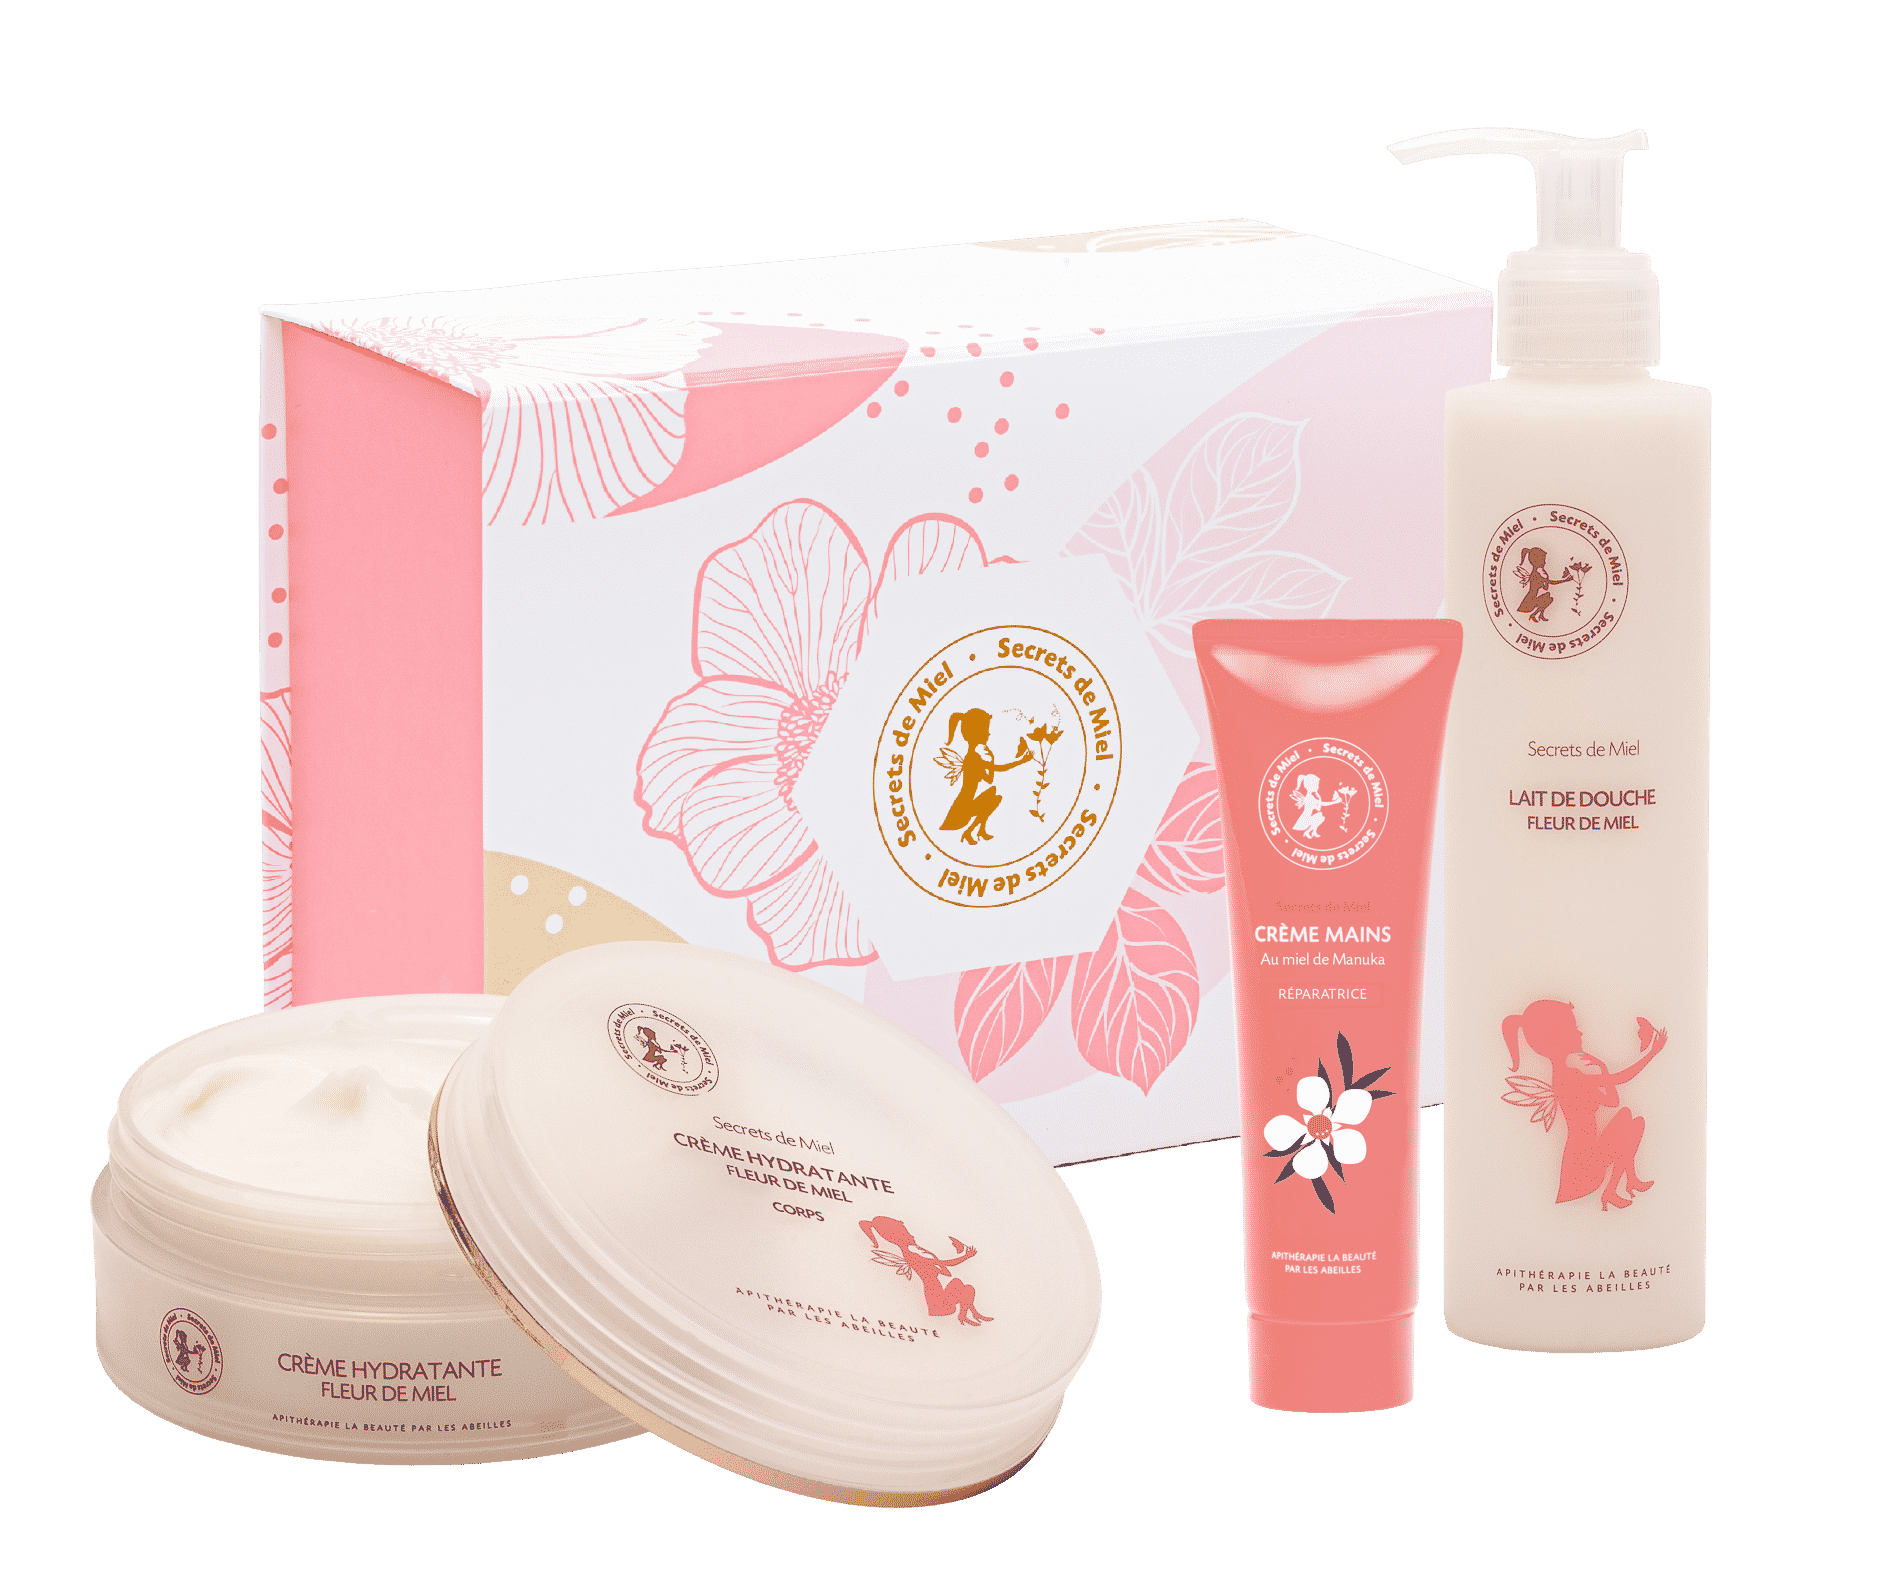 octobre rose - cancer féminins - cancer du sein - Secrets de Miel soutient l'association Rose Up - coffret cosmétiques